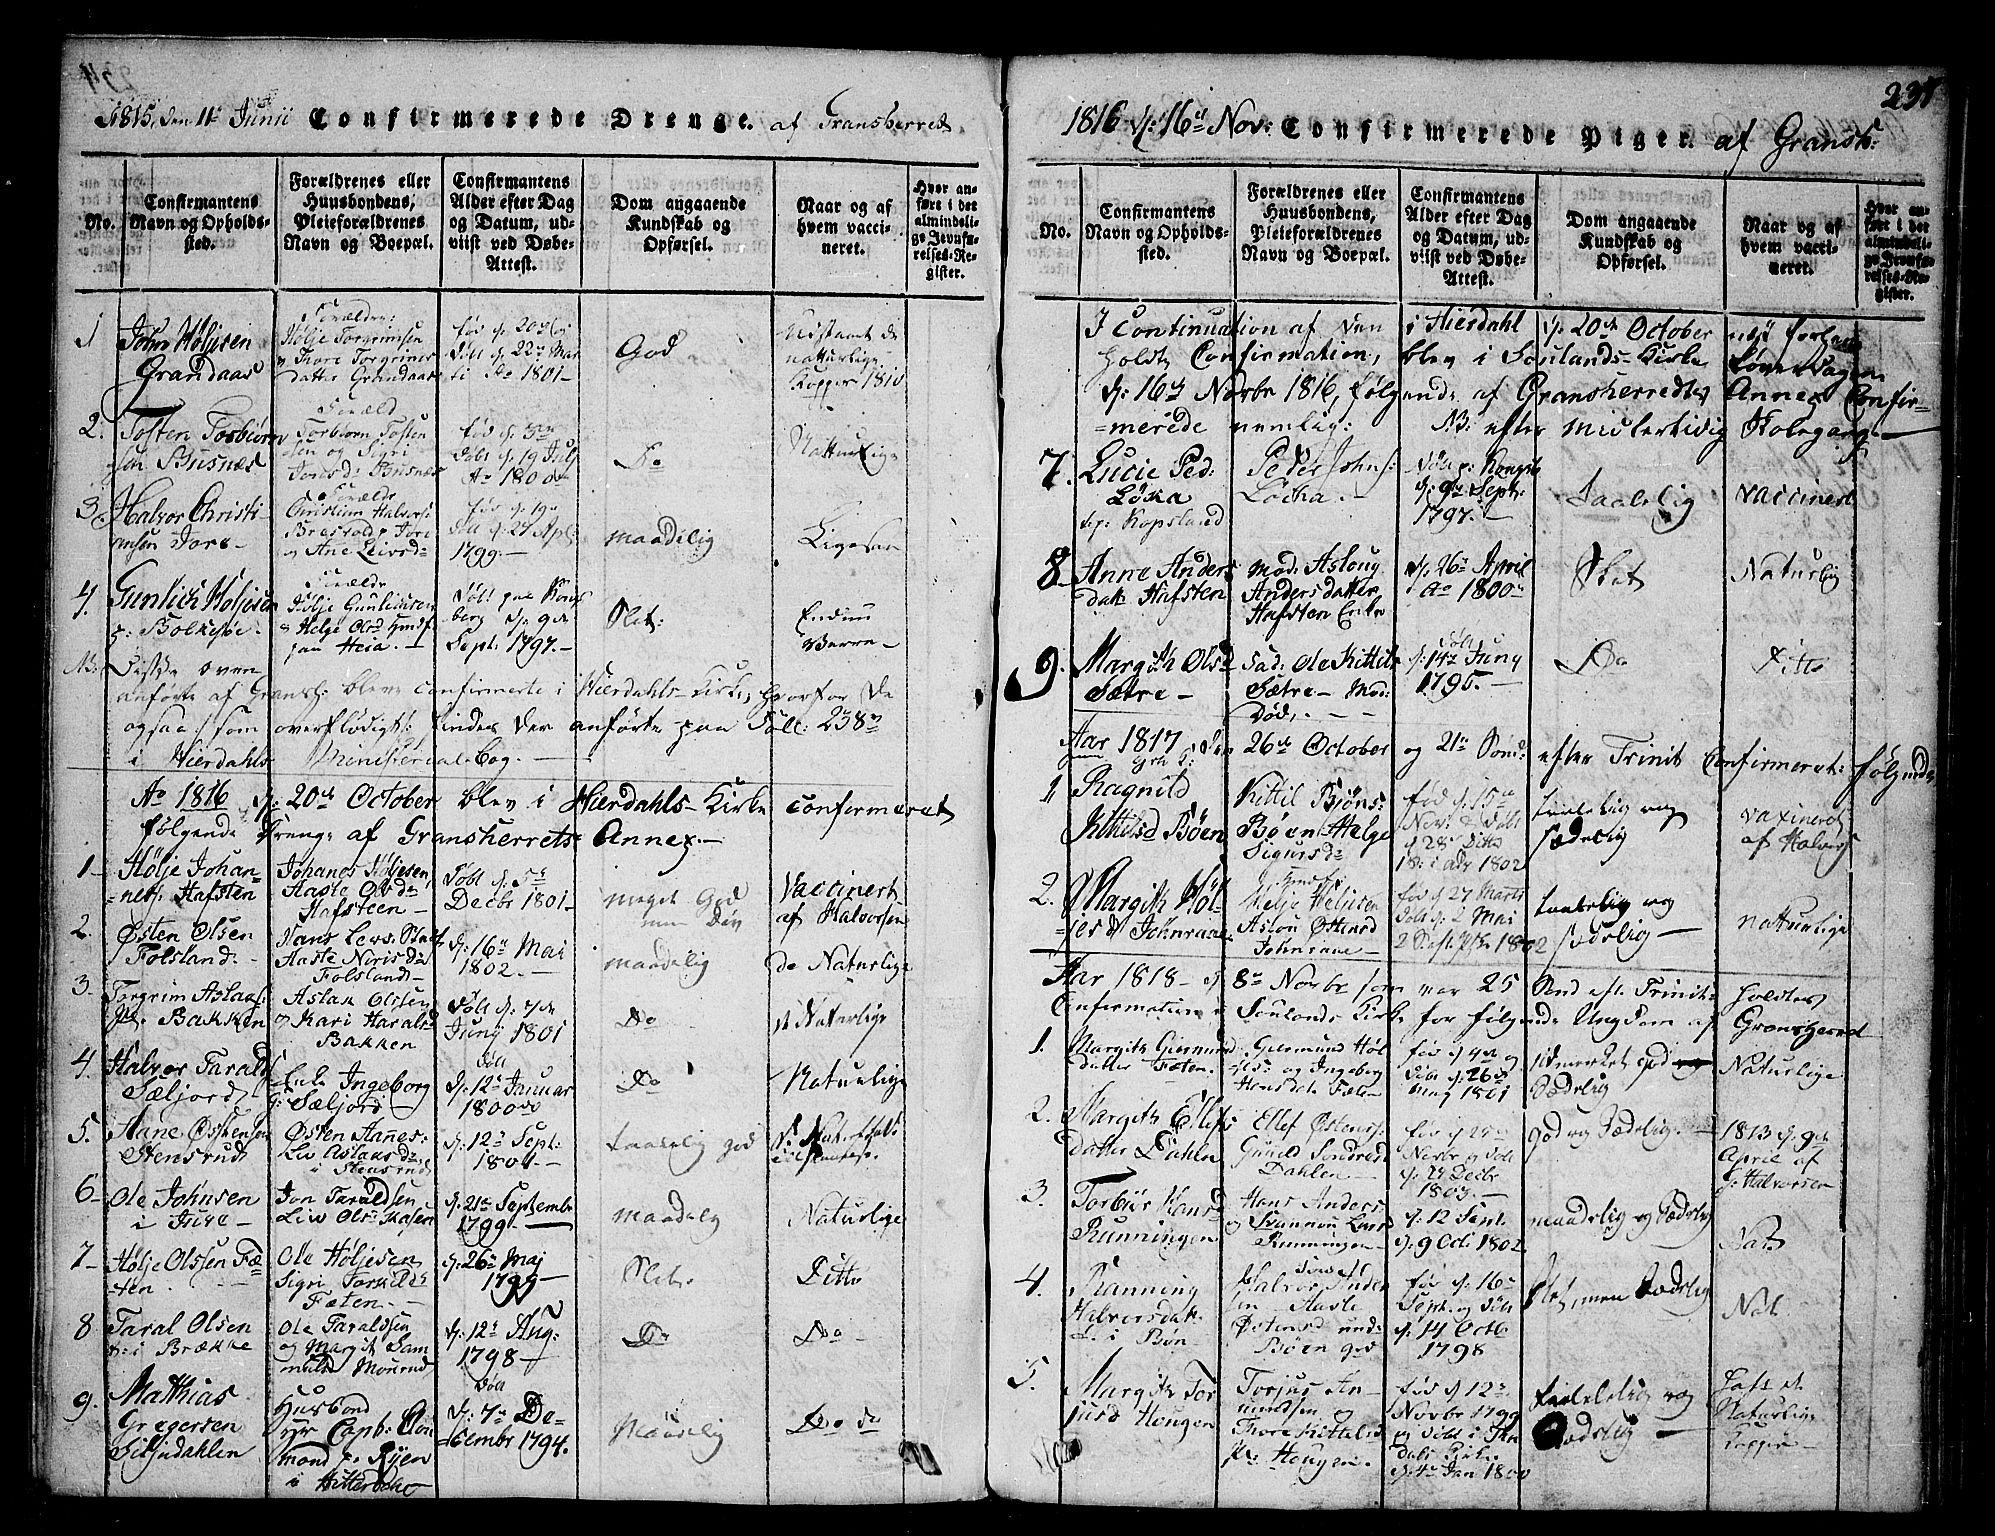 SAKO, Gransherad kirkebøker, G/Ga/L0001: Klokkerbok nr. I 1, 1815-1842, s. 235